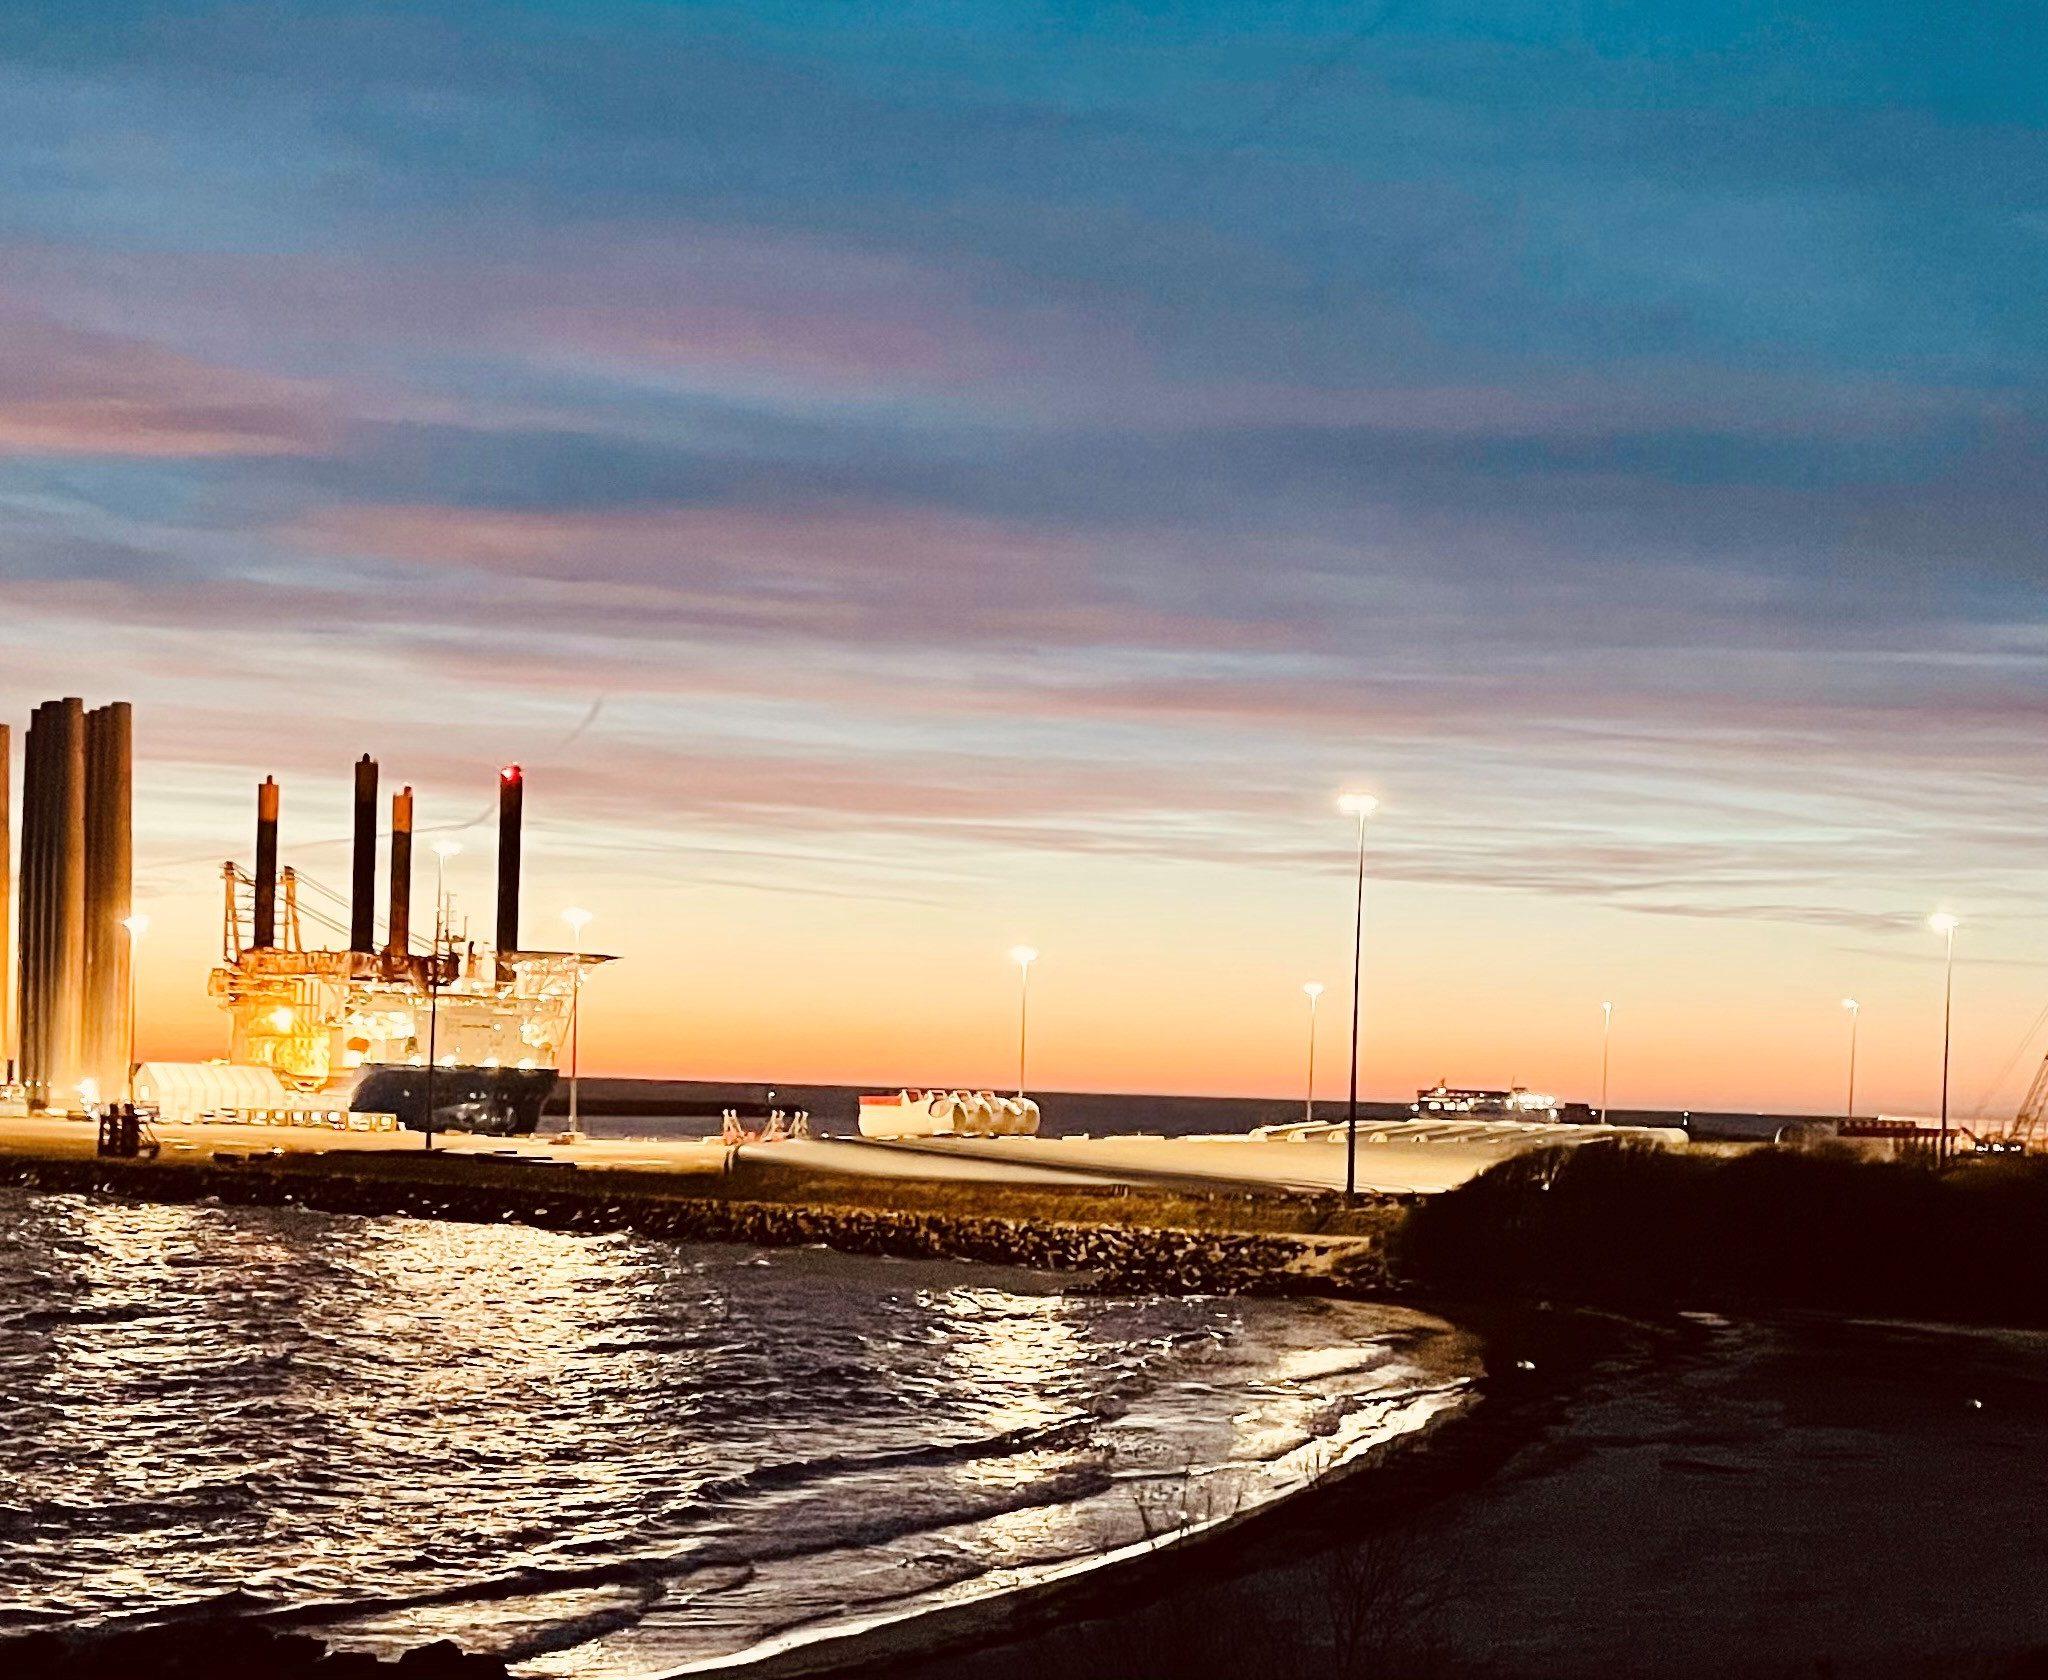 De haven van Roenne op Bornholm wordt gebruikt voor het assembleren en overslaan van onderdelen voor windmolens. Op de foto onderdelen voor het windpark Kriegers Flak van Siemens en Vattenfall en een hefschip van Jan de Nul. (Foto Port of Roenne A/S)